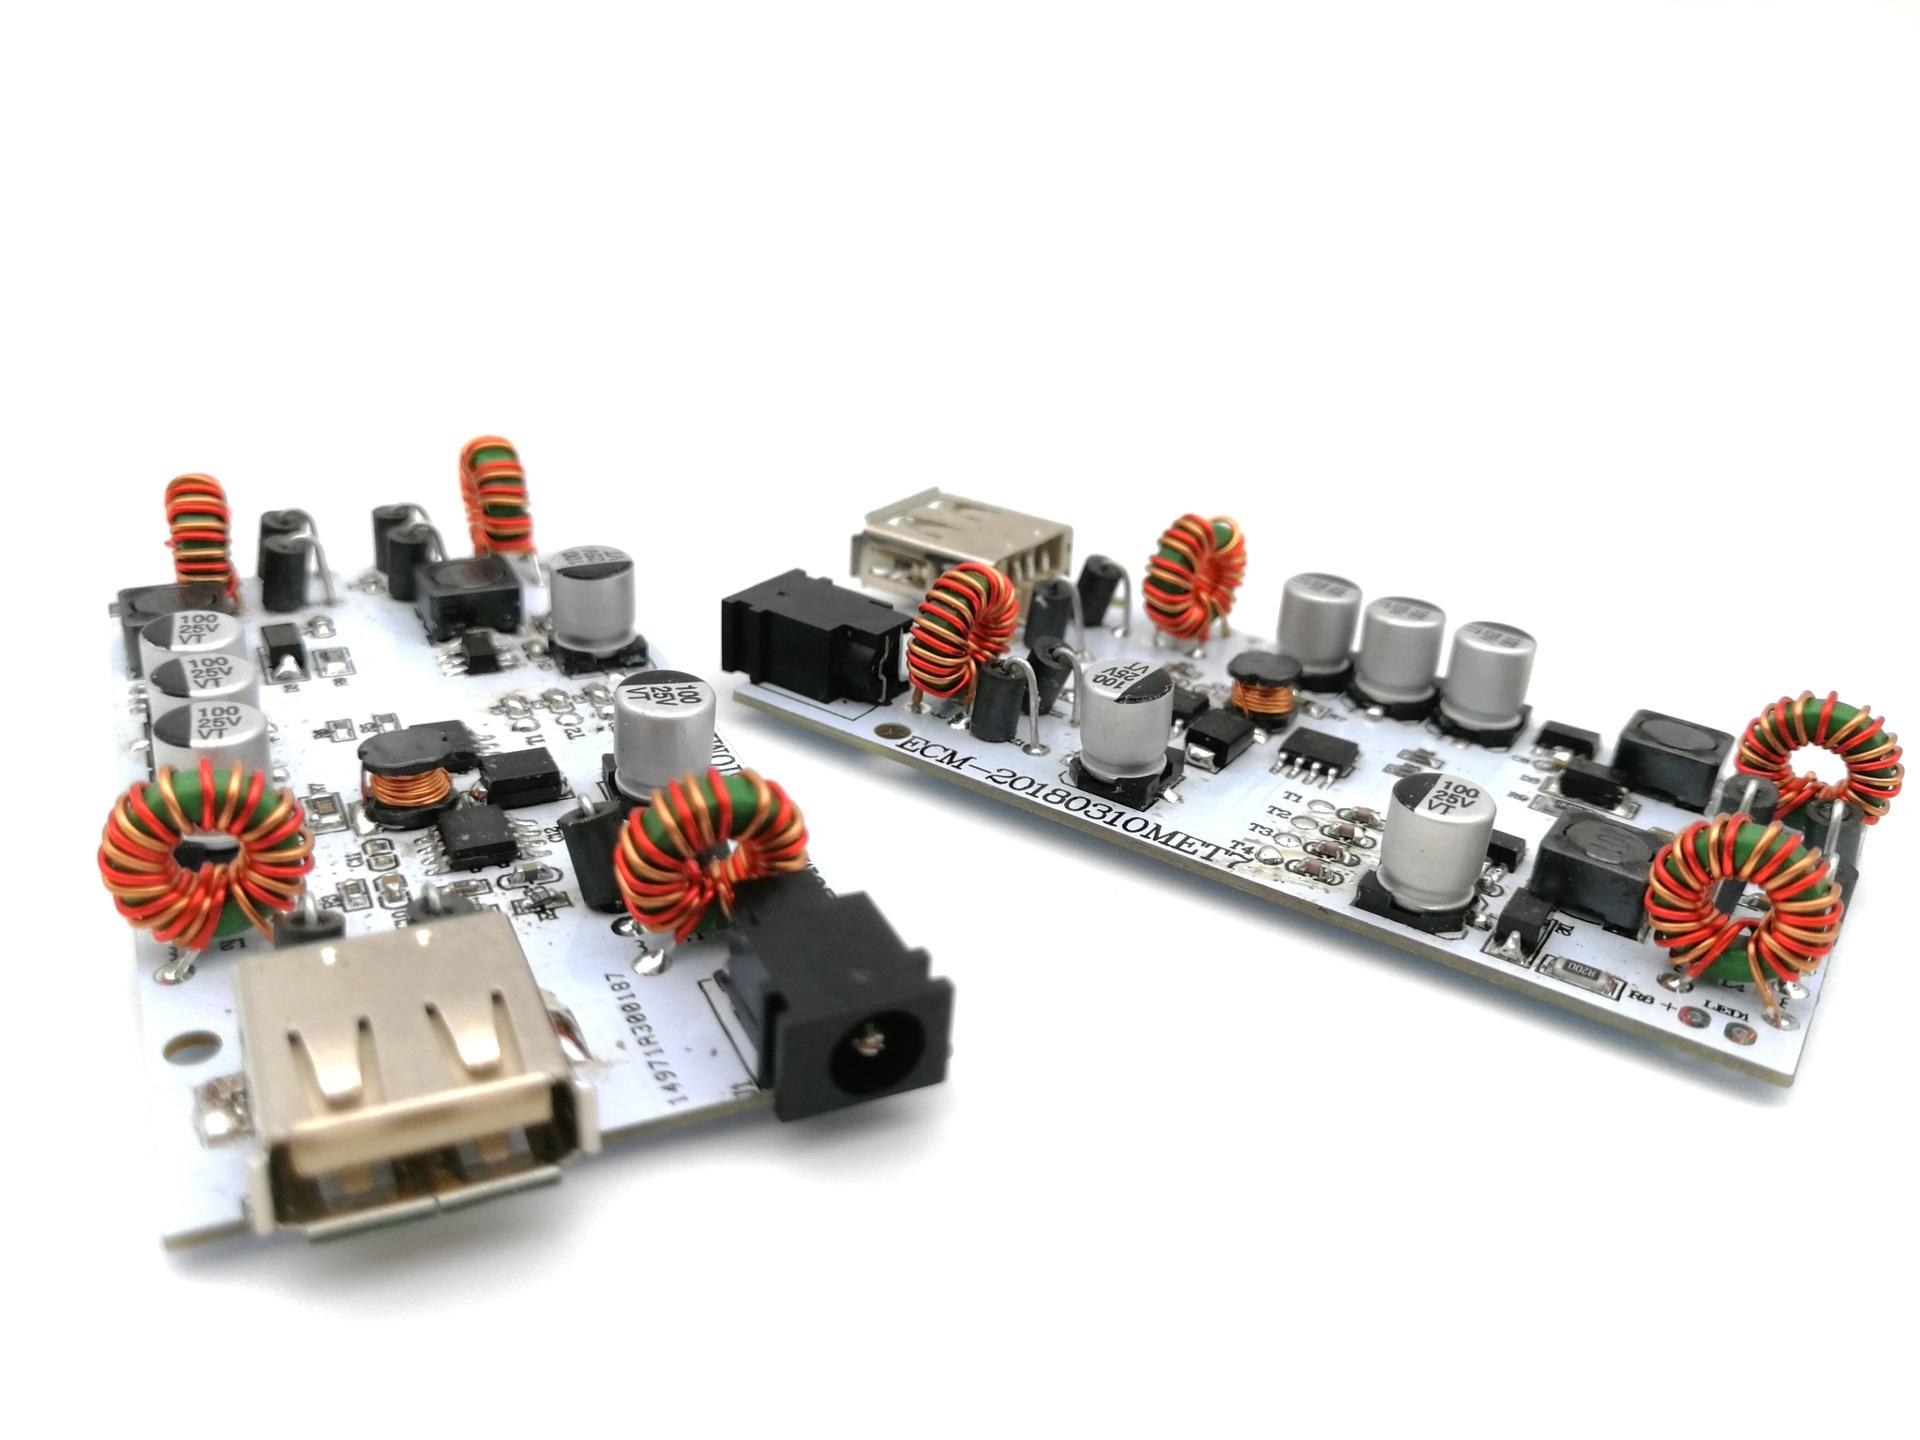 厂家直销LED台灯控制板 调光批发 冷暖双色温充电触摸台灯电路板